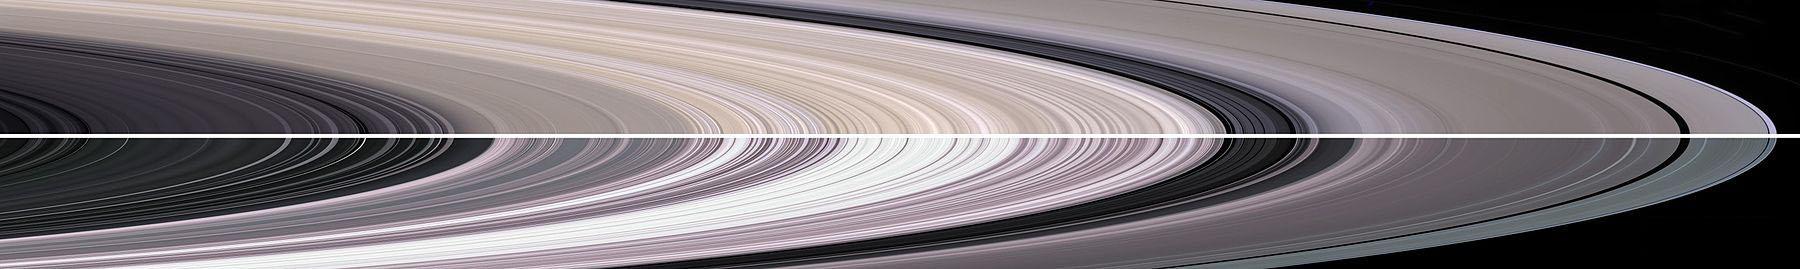 en53-moons-of-saturn-part-ii_27